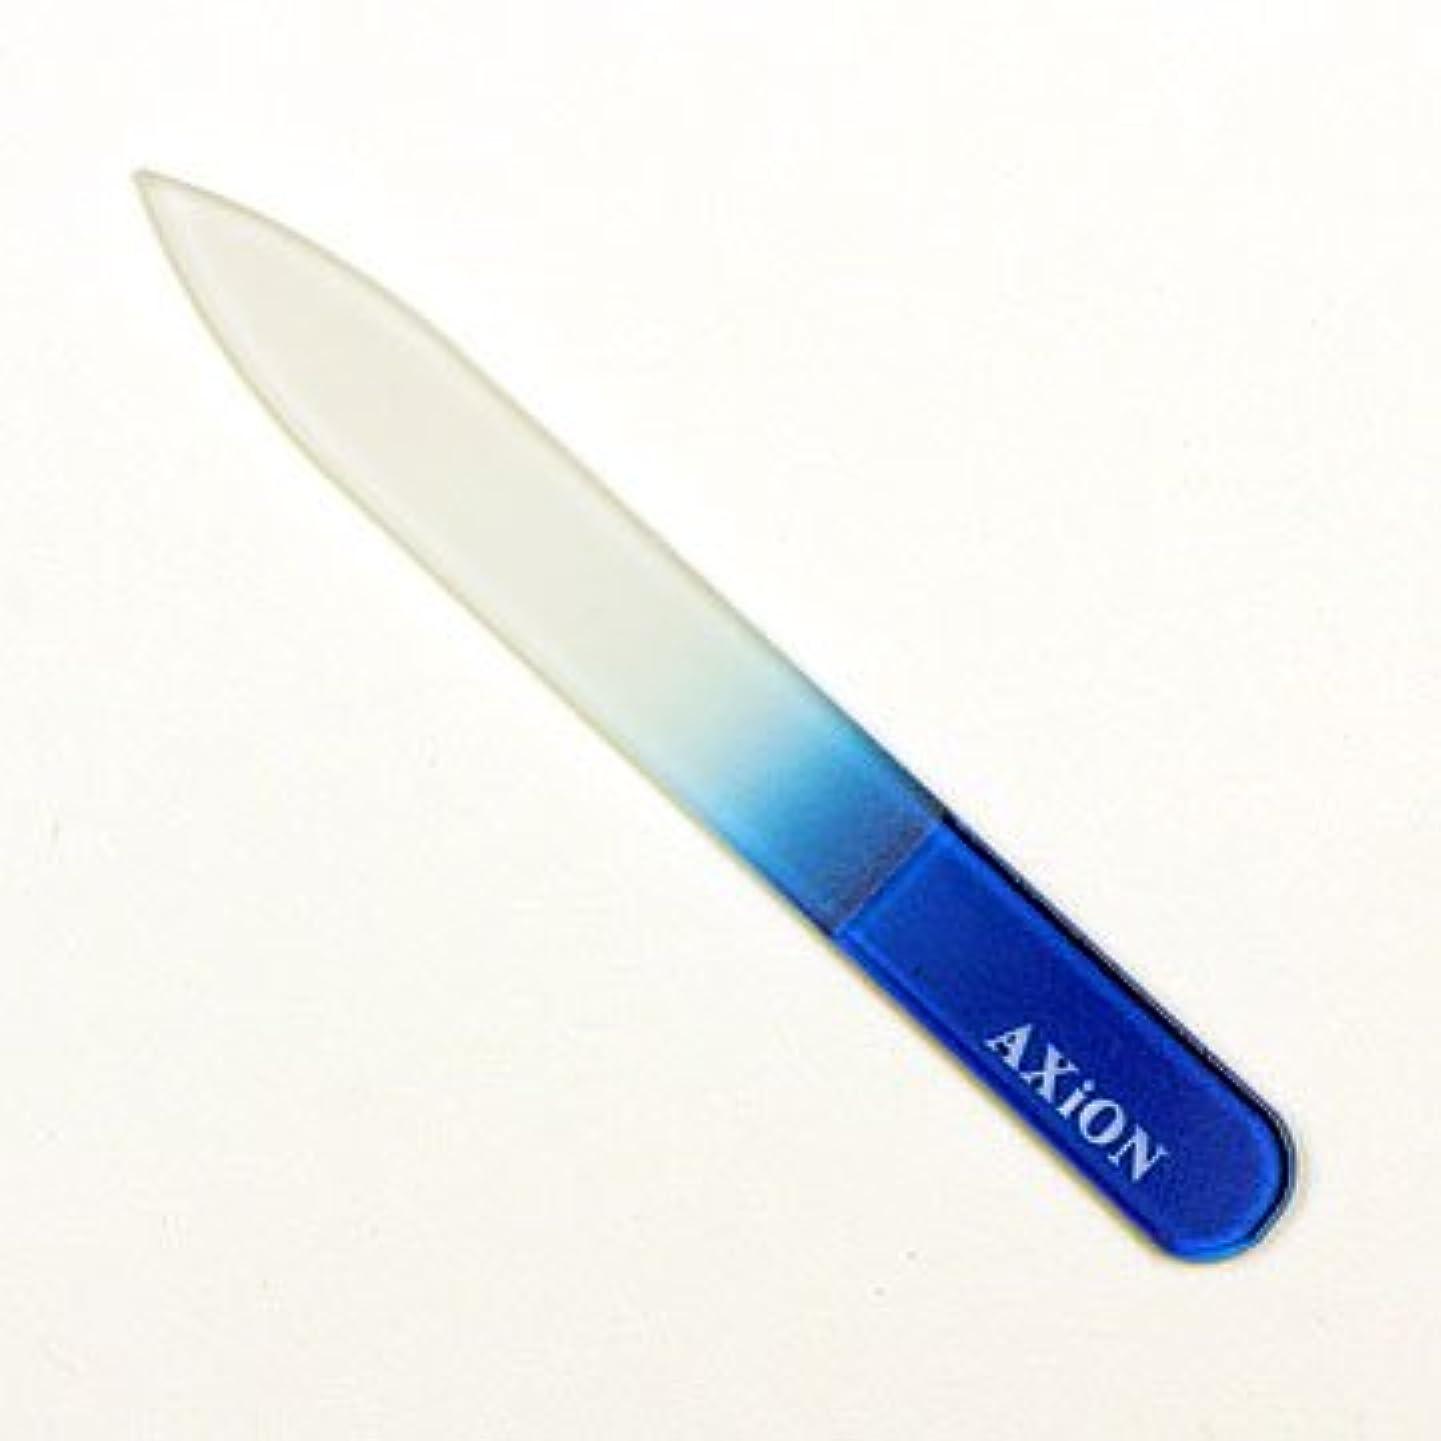 アテンダント叱る証明書チェコ製 AXiON(アクシオン)ガラス製爪ヤスリ(ブルー)両面タイプ #slg009567fba